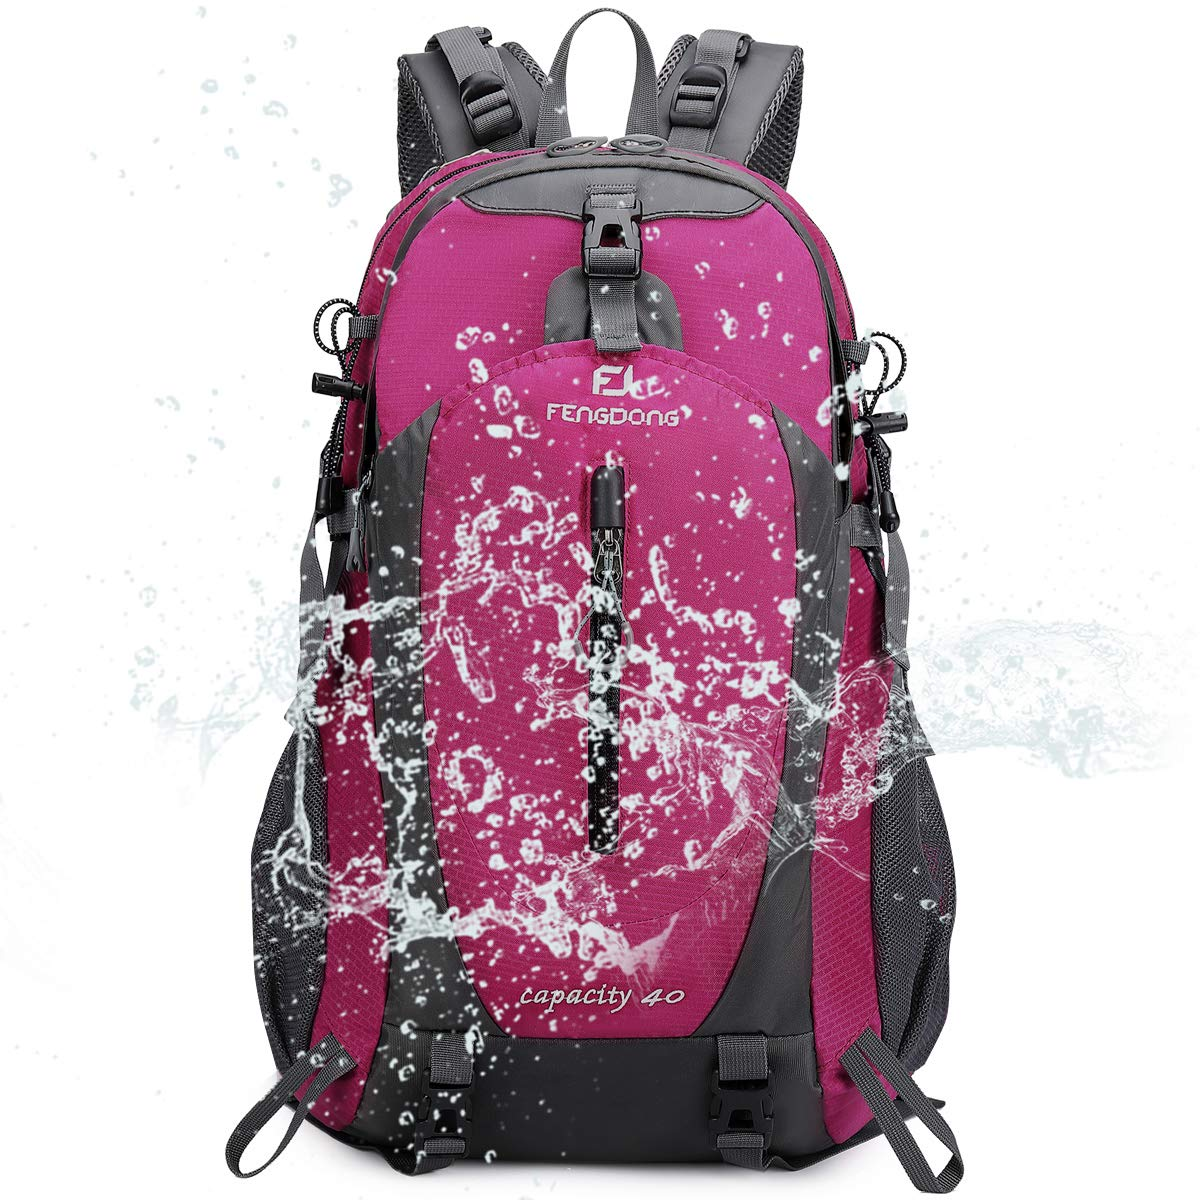 Sac à dos 40L imperméable à l\'eau, très léger pour la randonnée, Camping